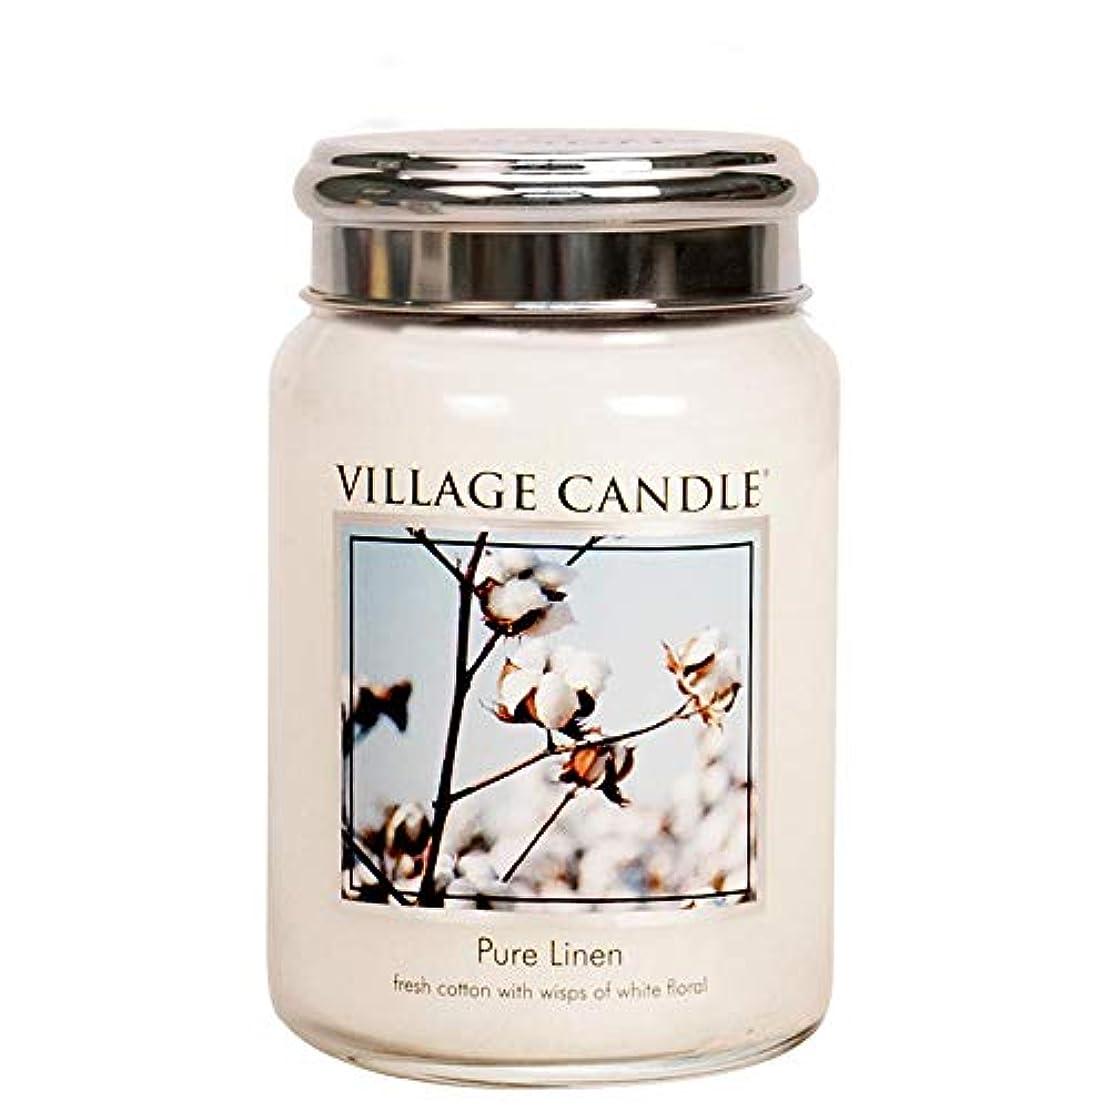 話をするピルファー討論Village Candle Large Fragranced Candle Jar - 17cm x 10cm - 26oz (1219g)- Pure Linen - upto 170 hours burn time...